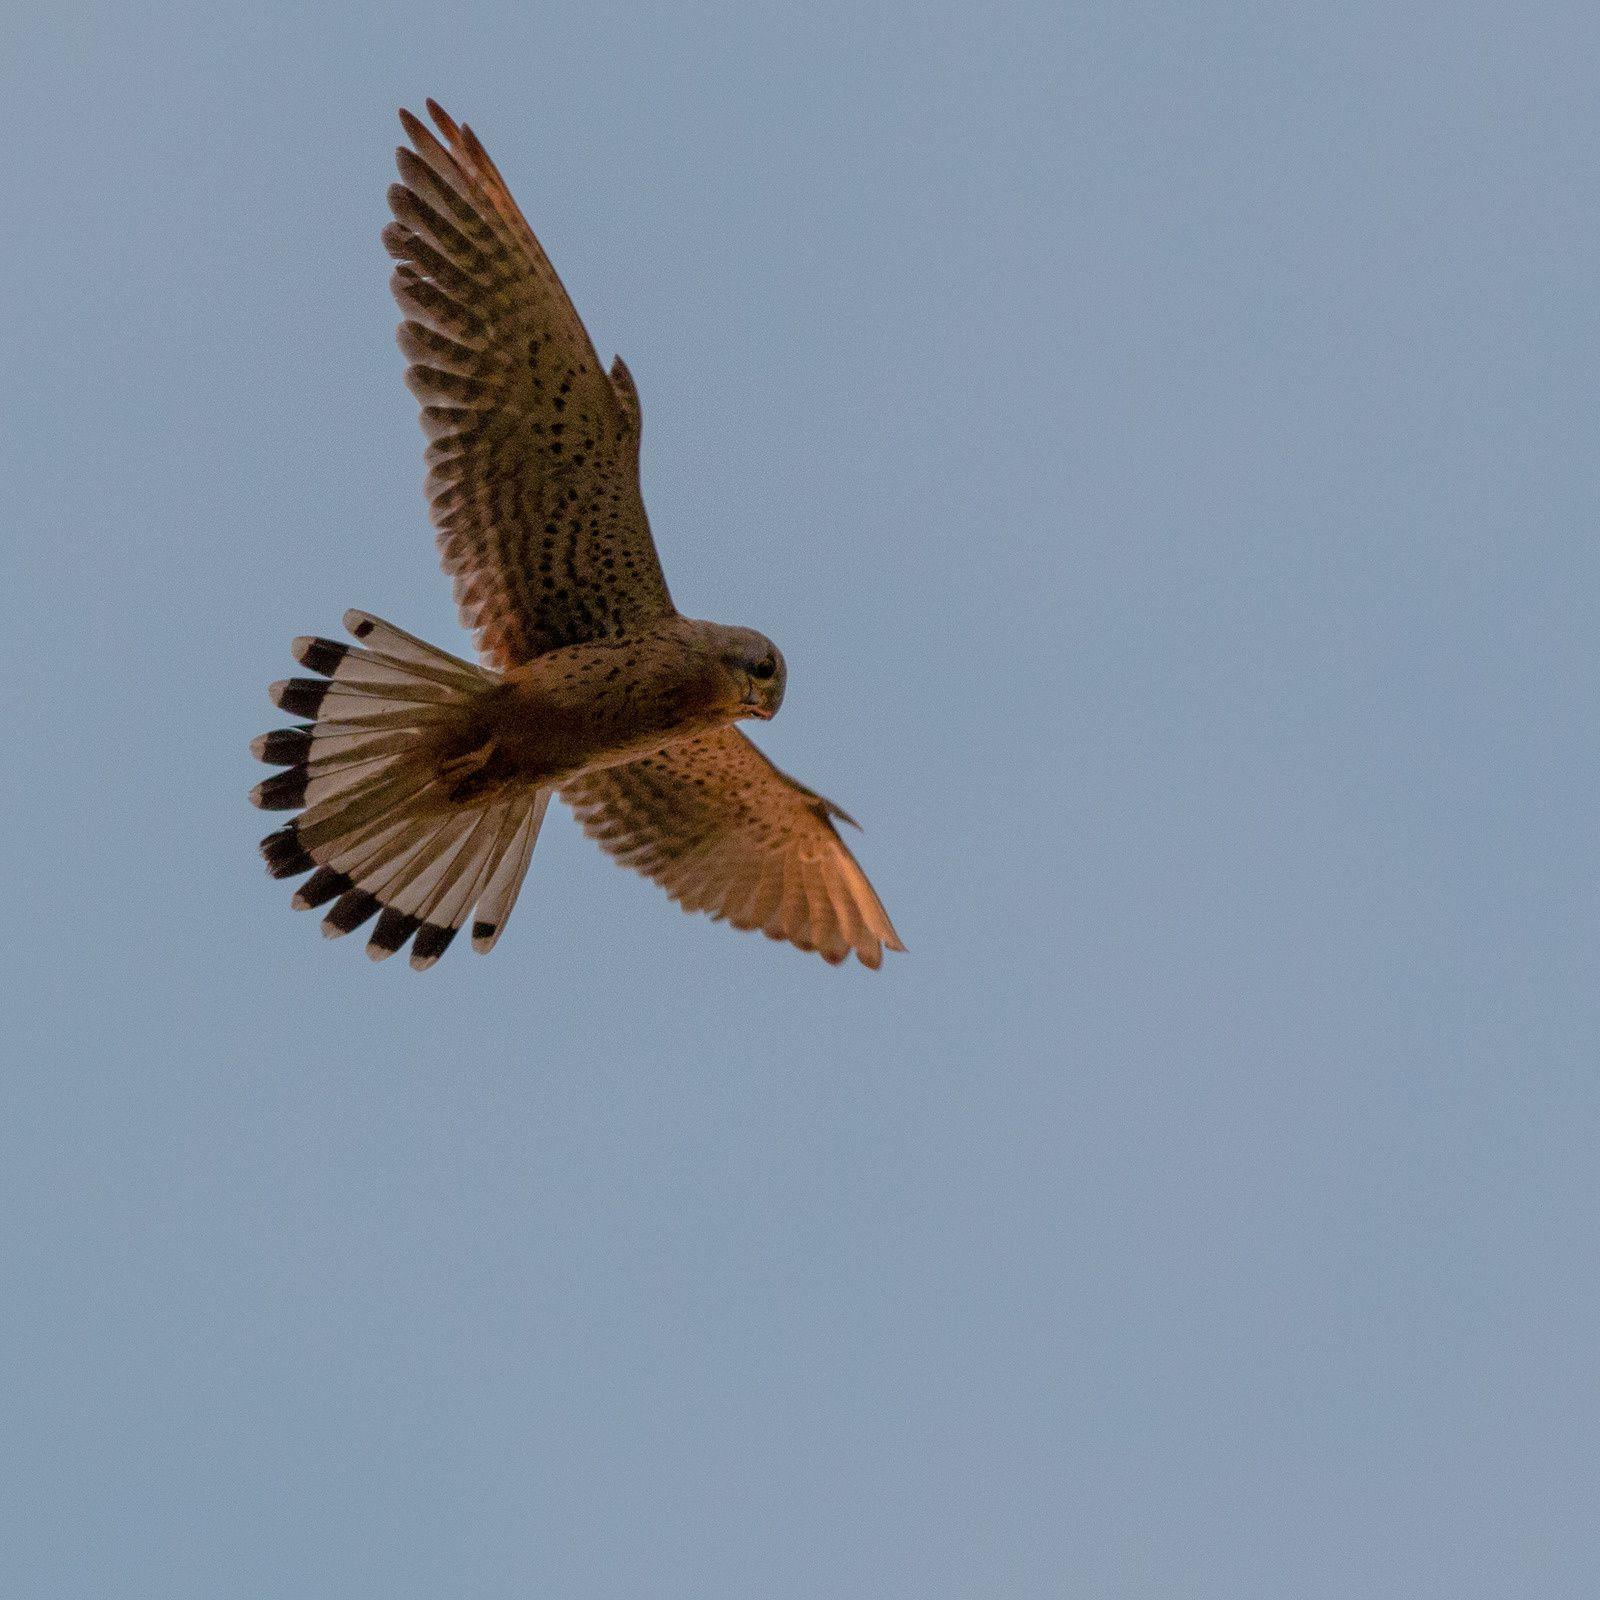 La scène se déroule aux HB. Le Faucon crécerelle fait le vol du saint esprit. La sauterelle ne semble pas trop inquiète.